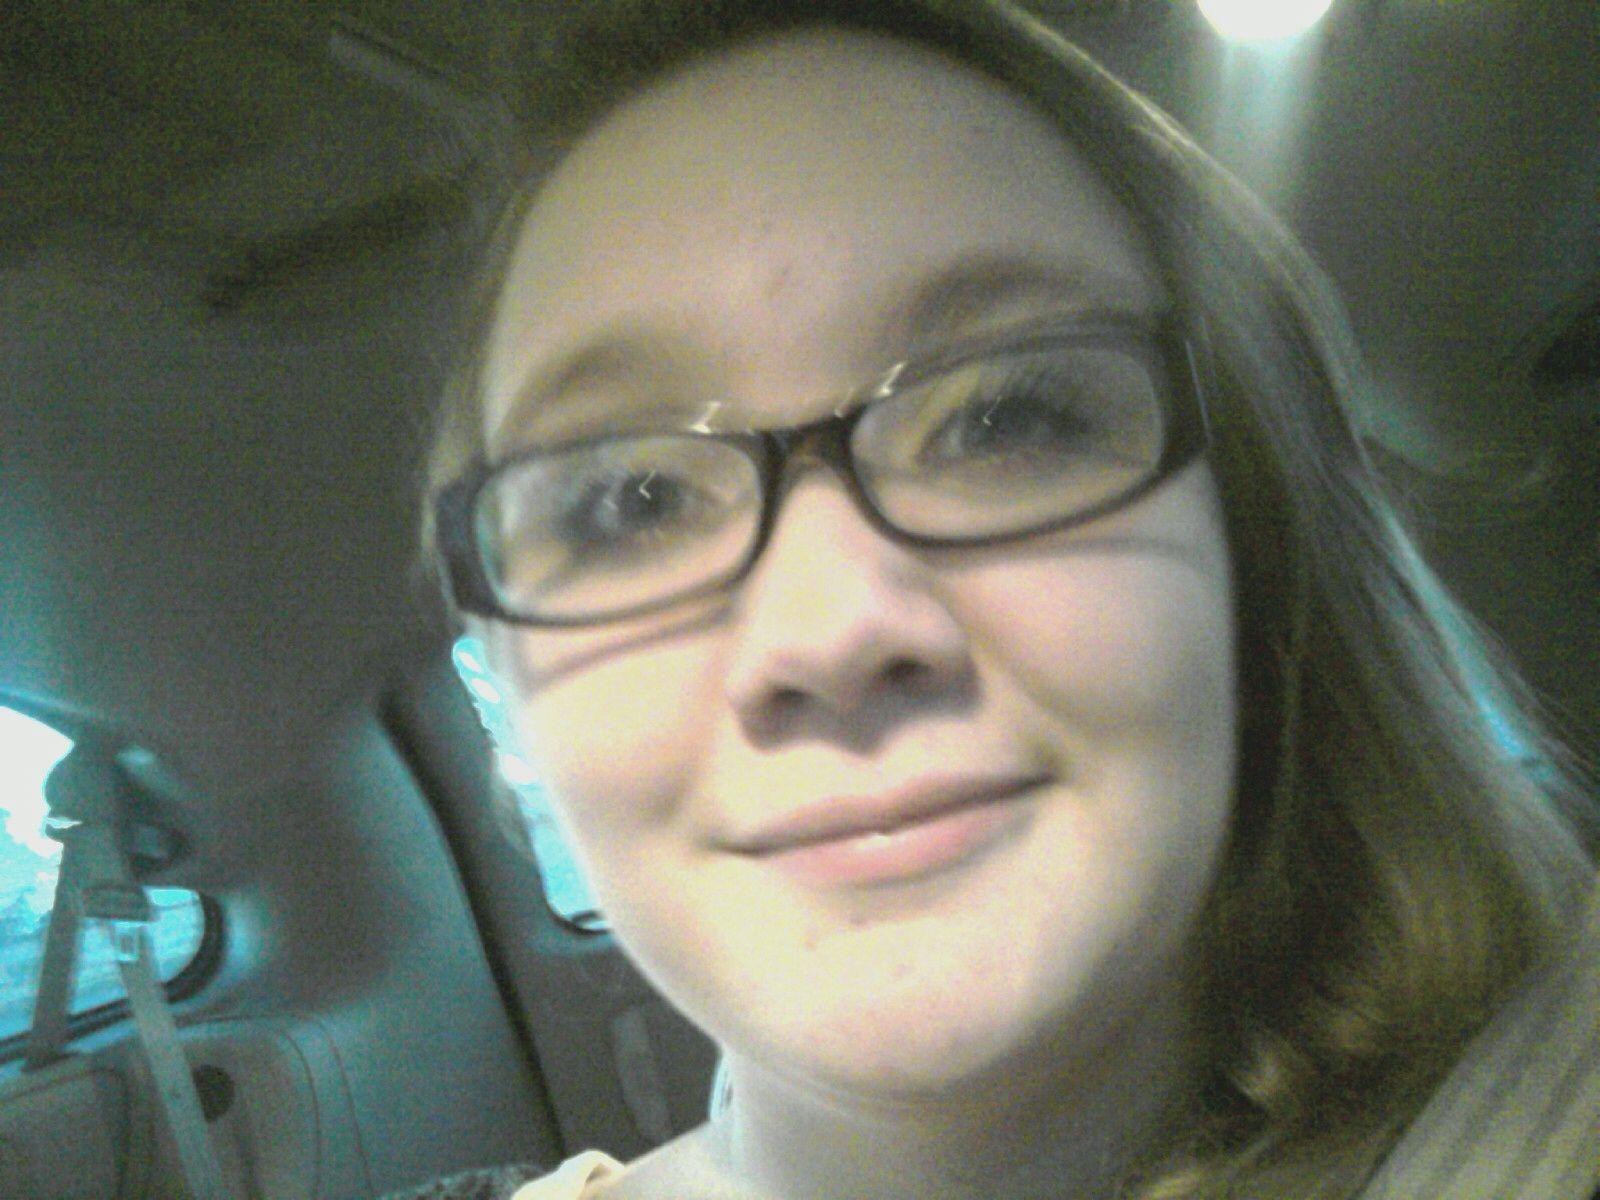 @Abby Styles